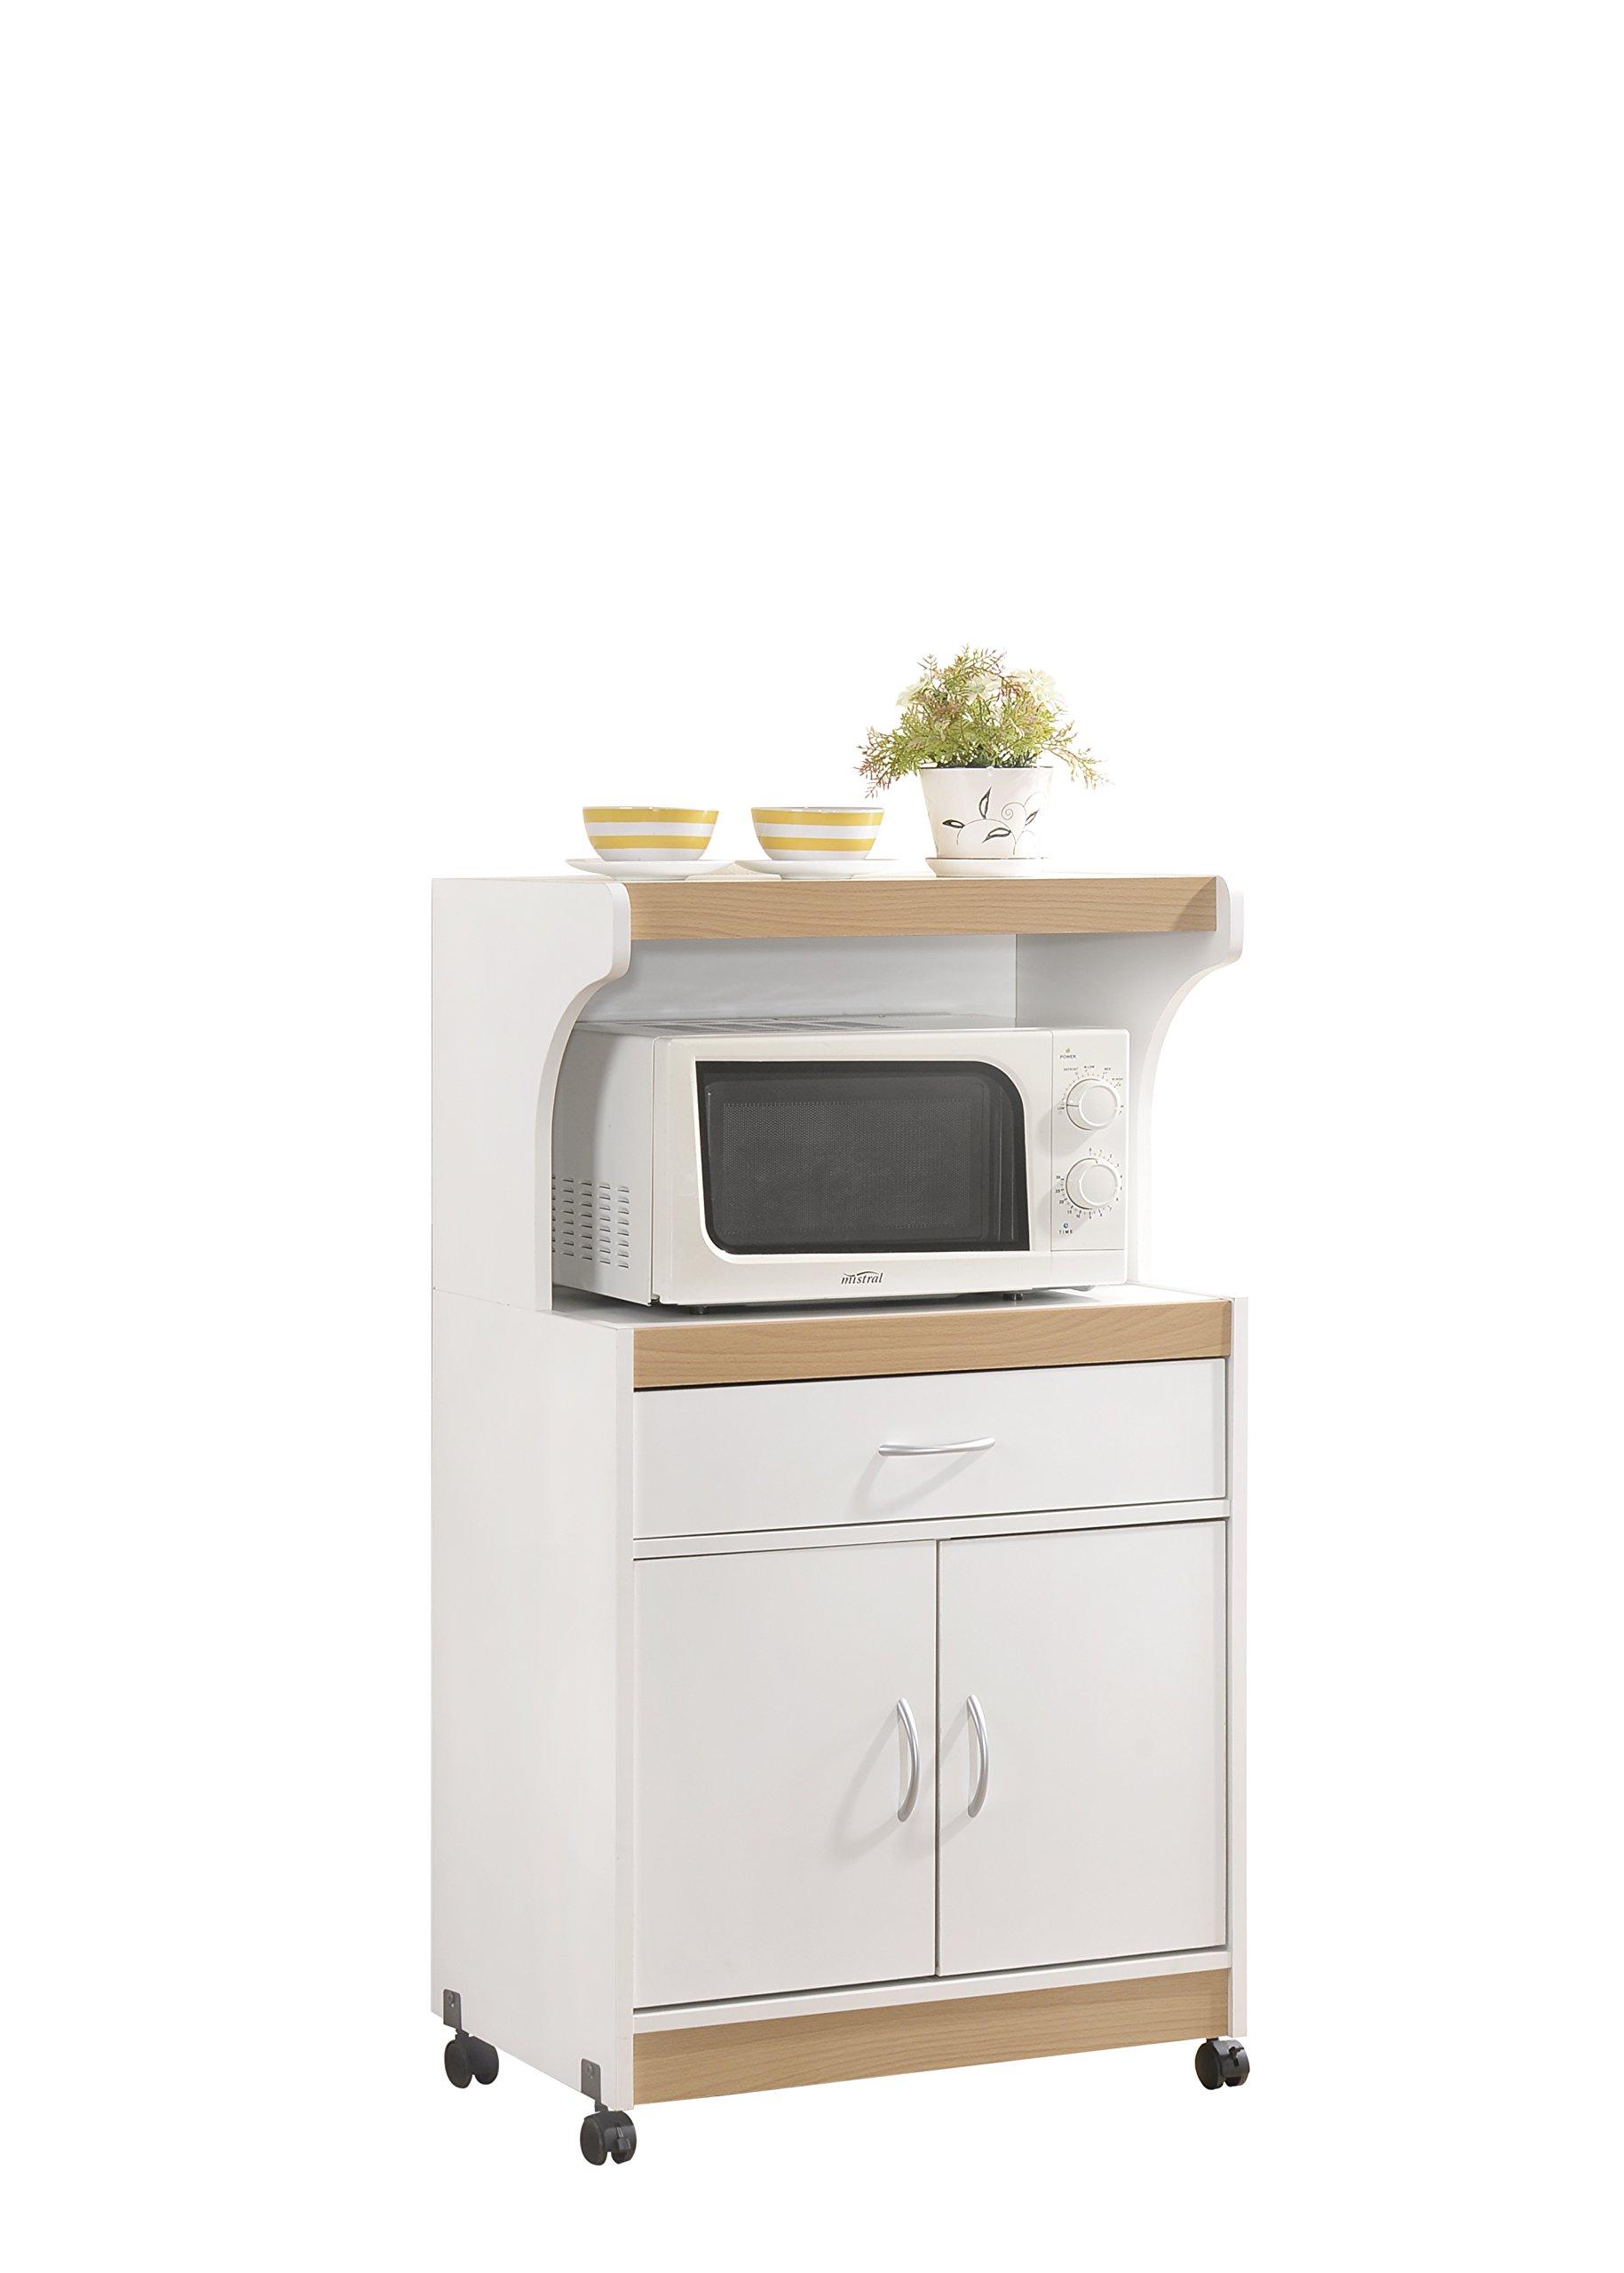 HODEDAH IMPORT Hodedah Microwave Kitchen Cart, White